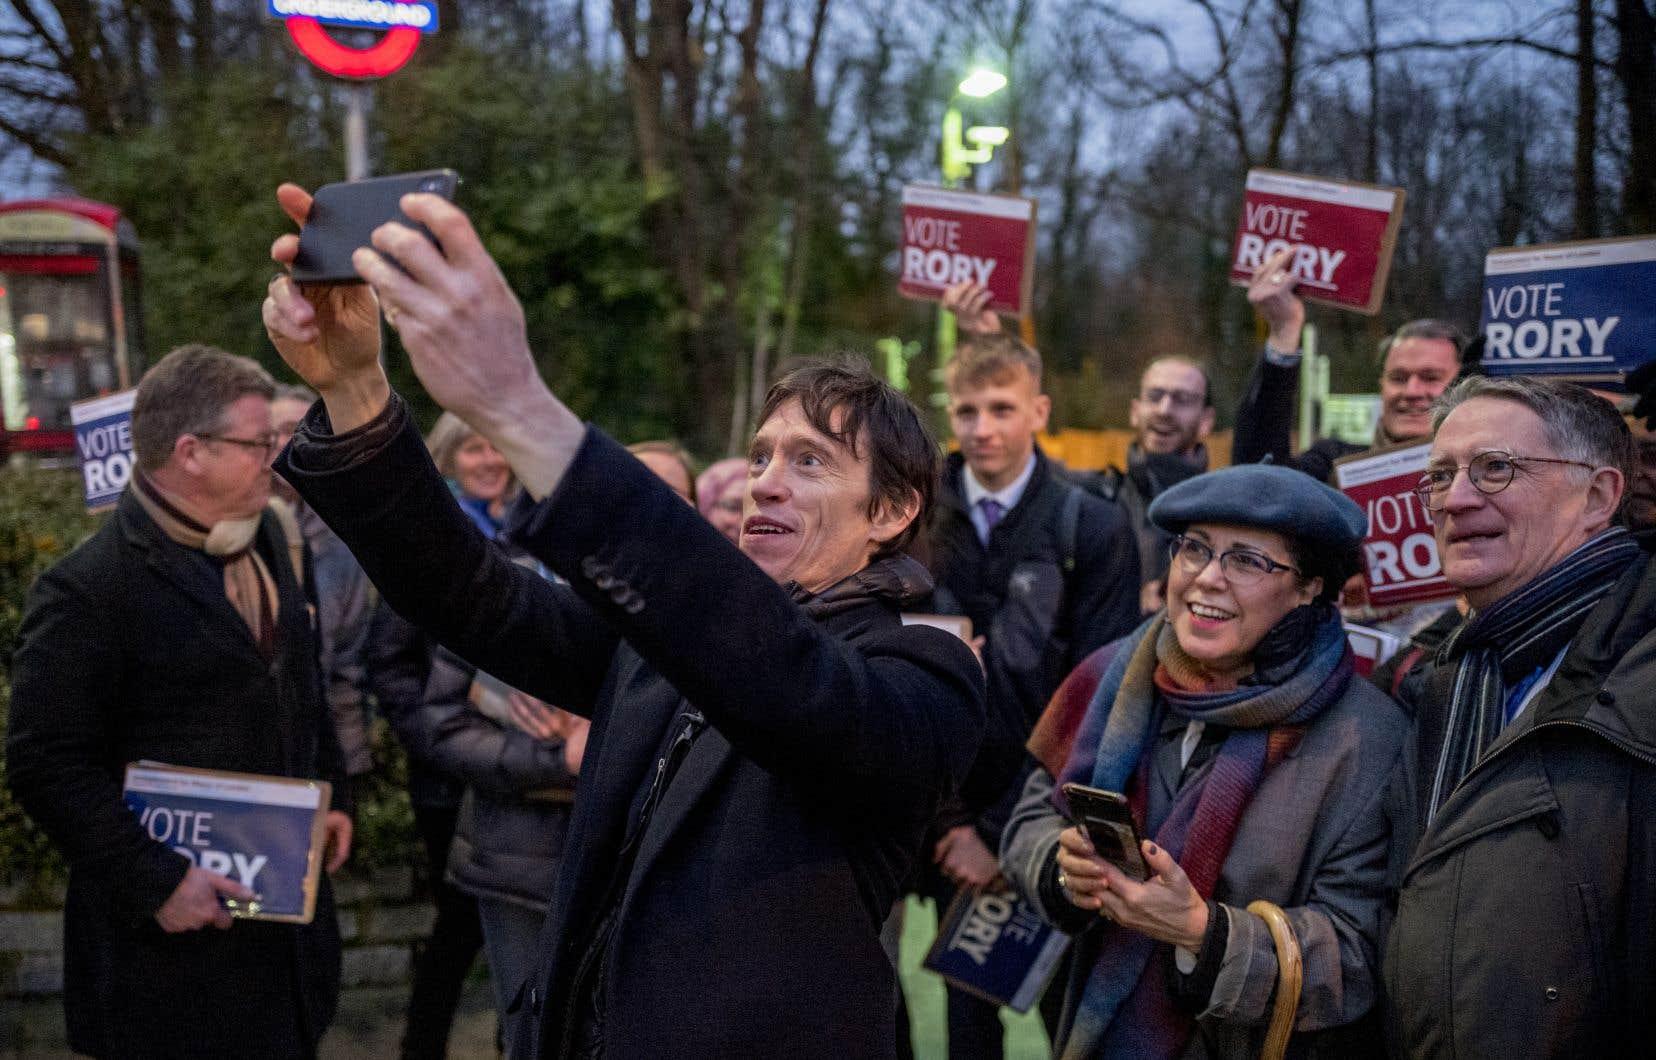 L'ex-ministre conservateur Rory Stewartse présente comme candidat indépendant à la mairie de Londres.